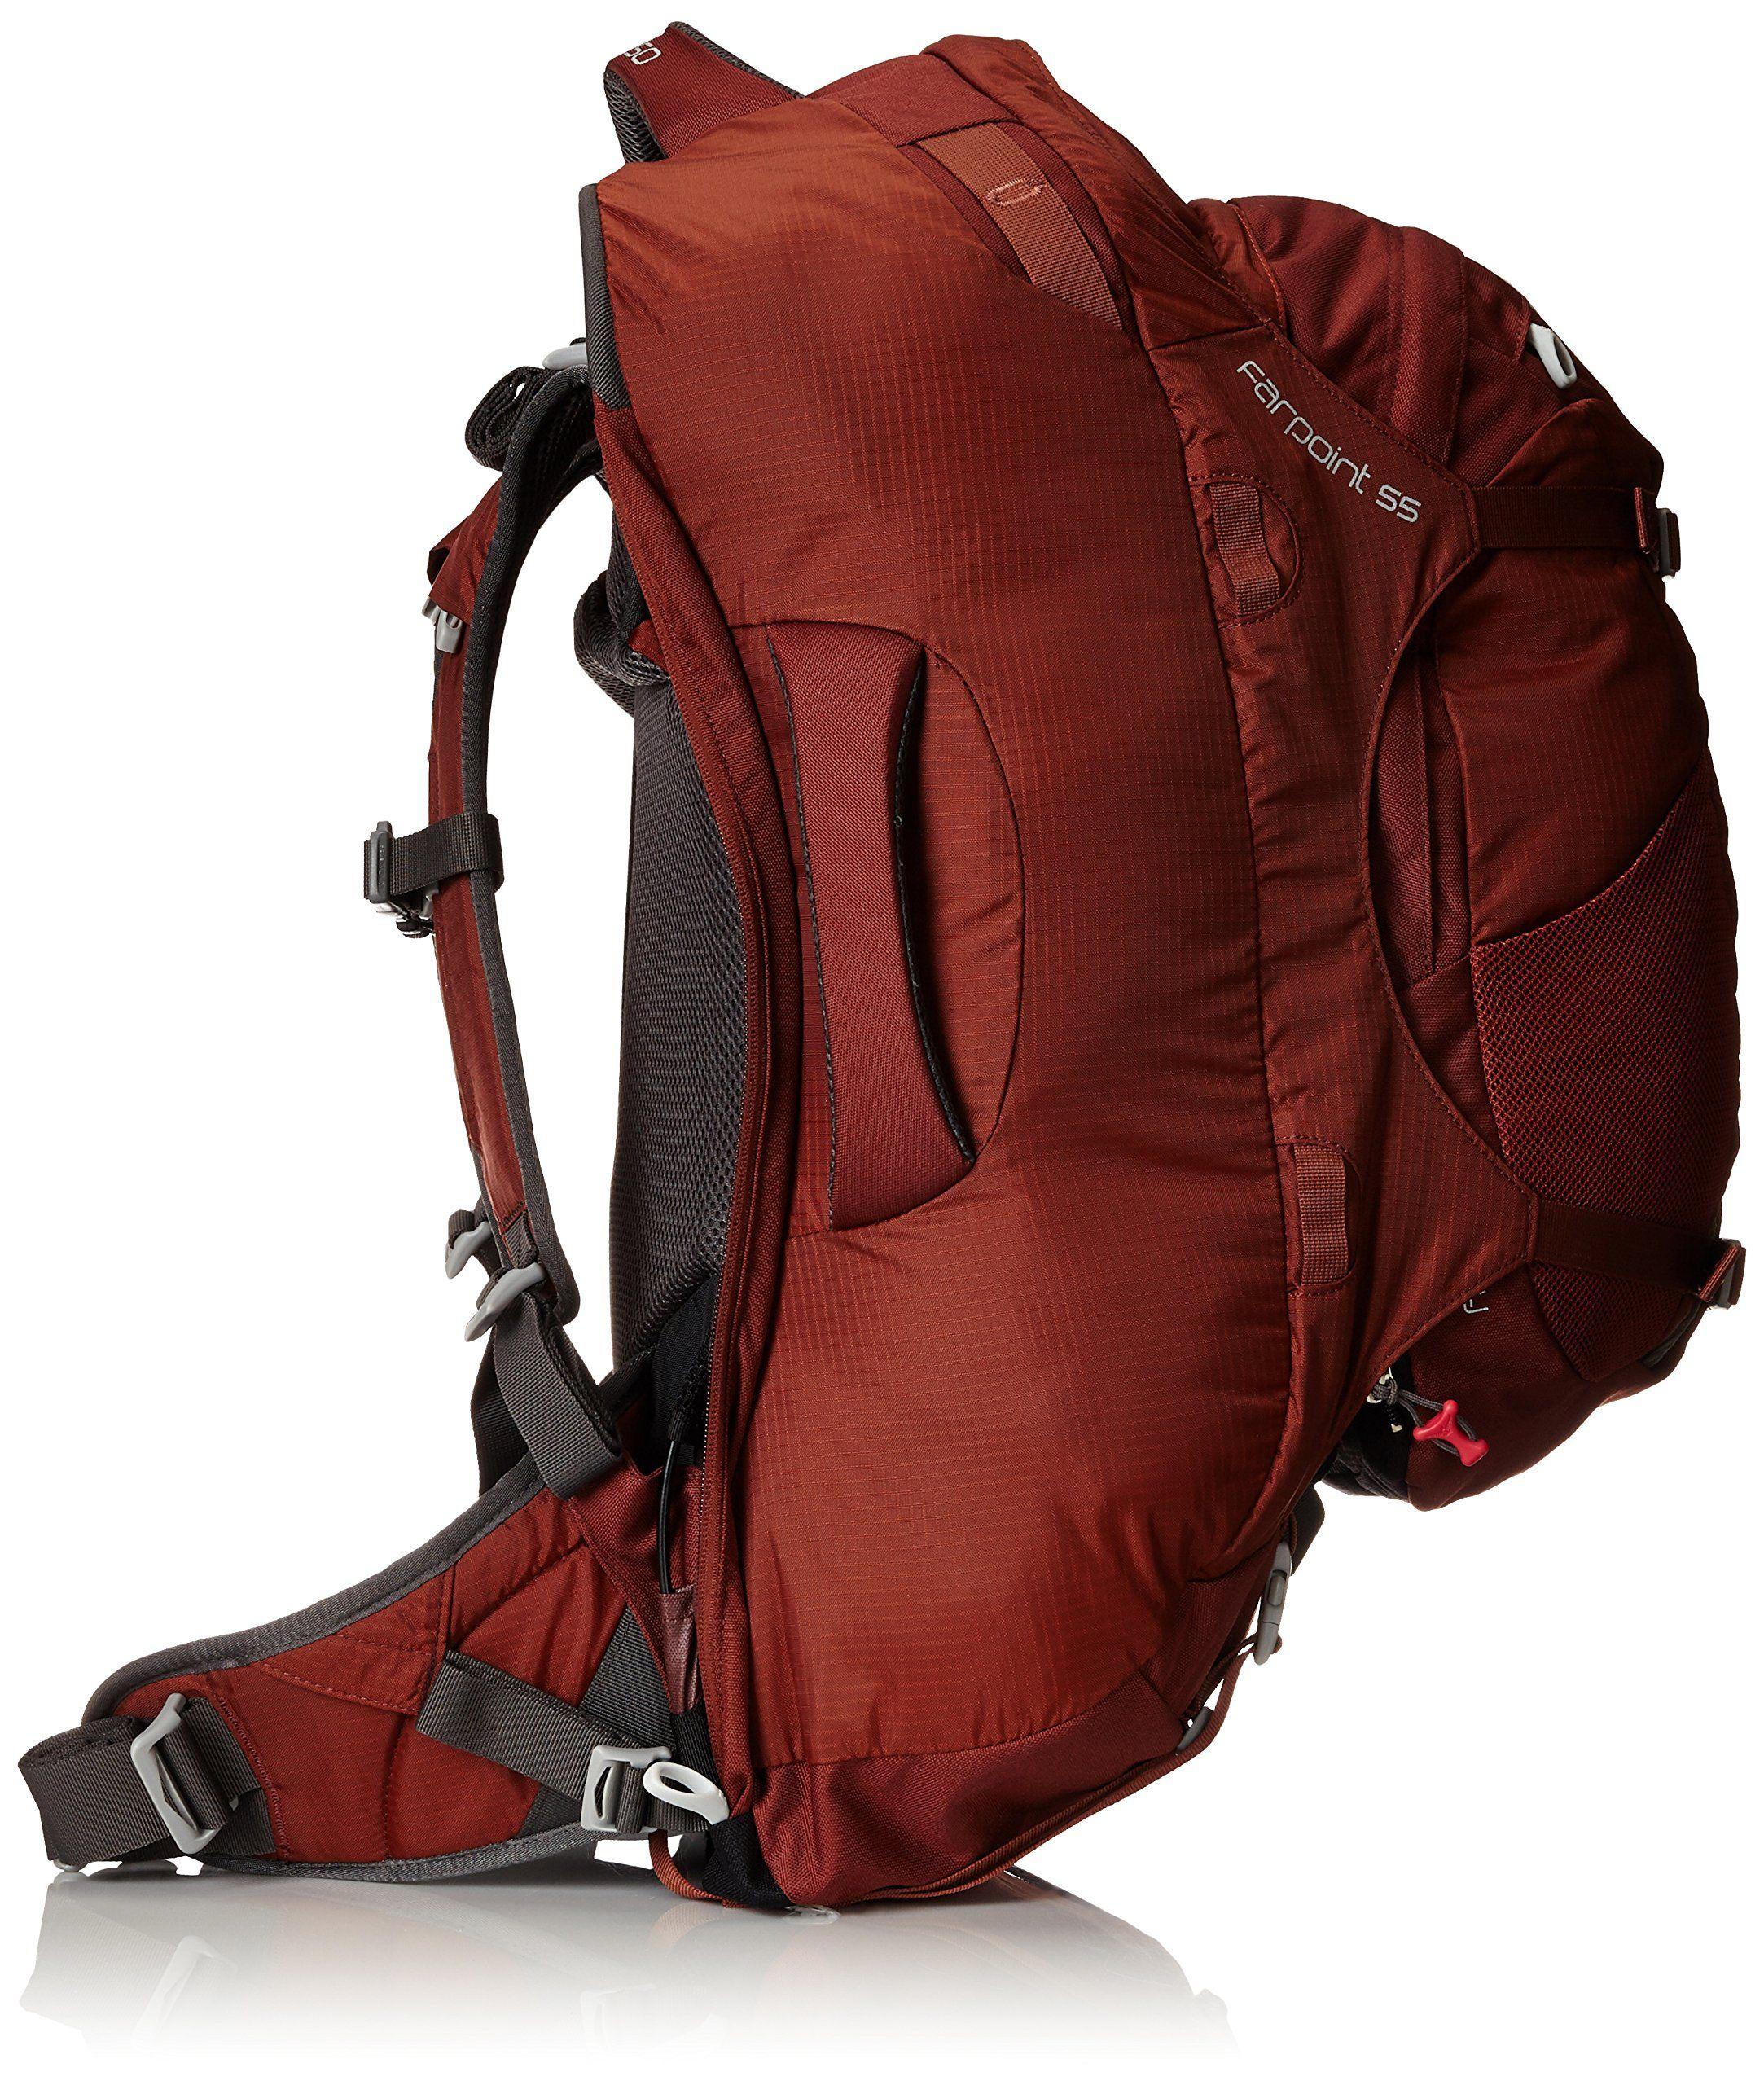 Men/'s Large 55L Backpack Rucksack Travel Camping Hiking Bag Schoolbag Daypack